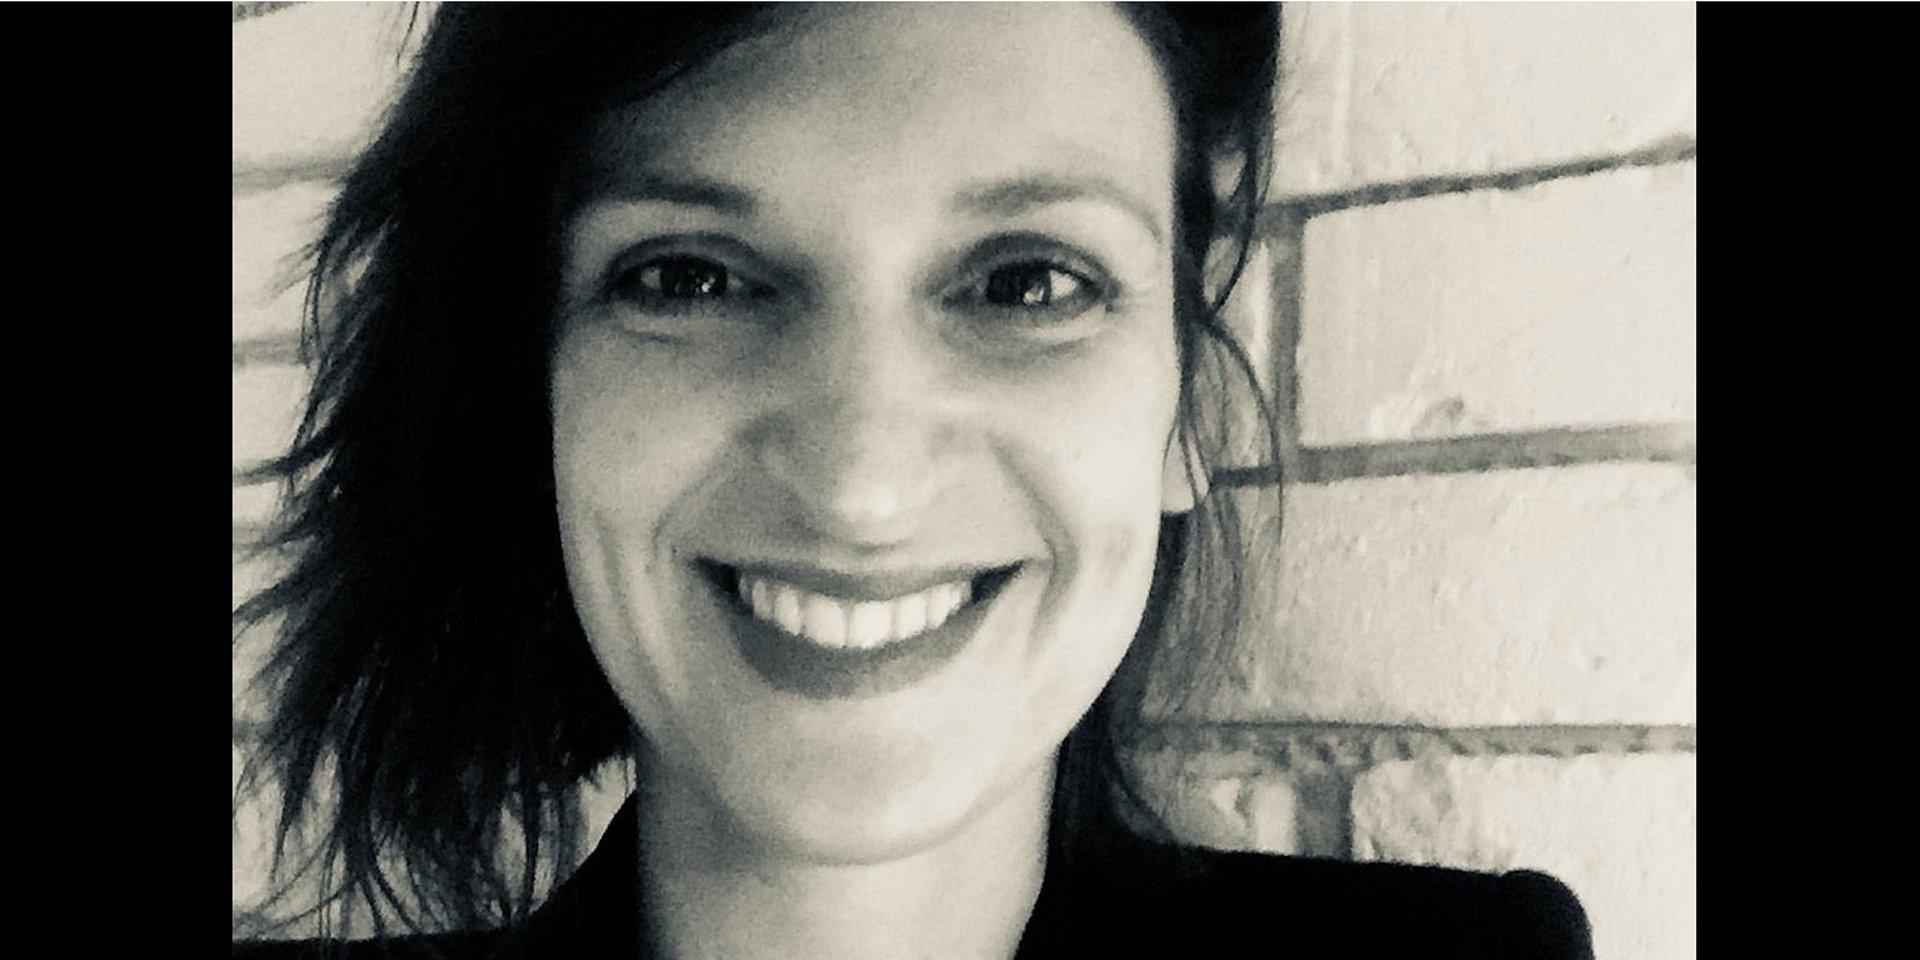 Małgorzata Wajdziak awansowała na stanowisko Account Directora w Scholz &Friends Warszawa (Grupa S/F).